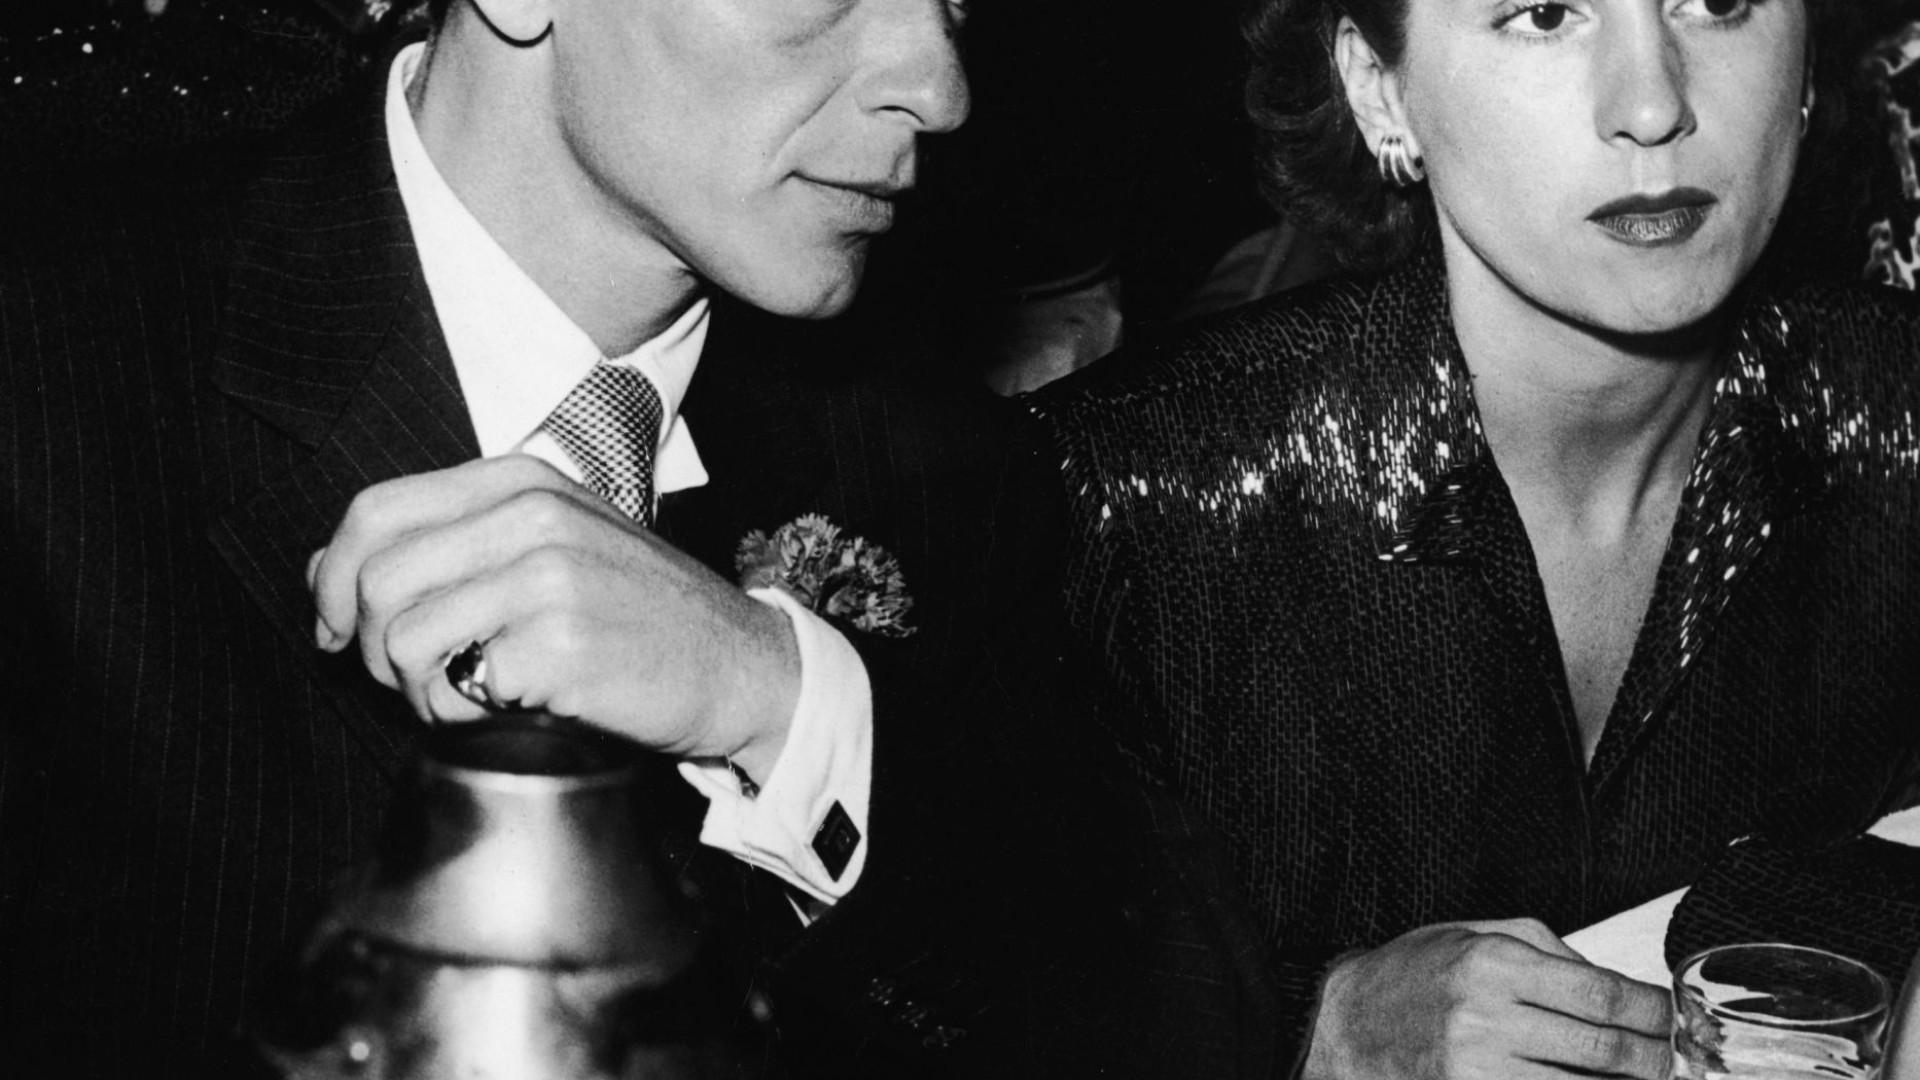 Morreu a primeira mulher de Frank Sinatra. Tinha 101 anos